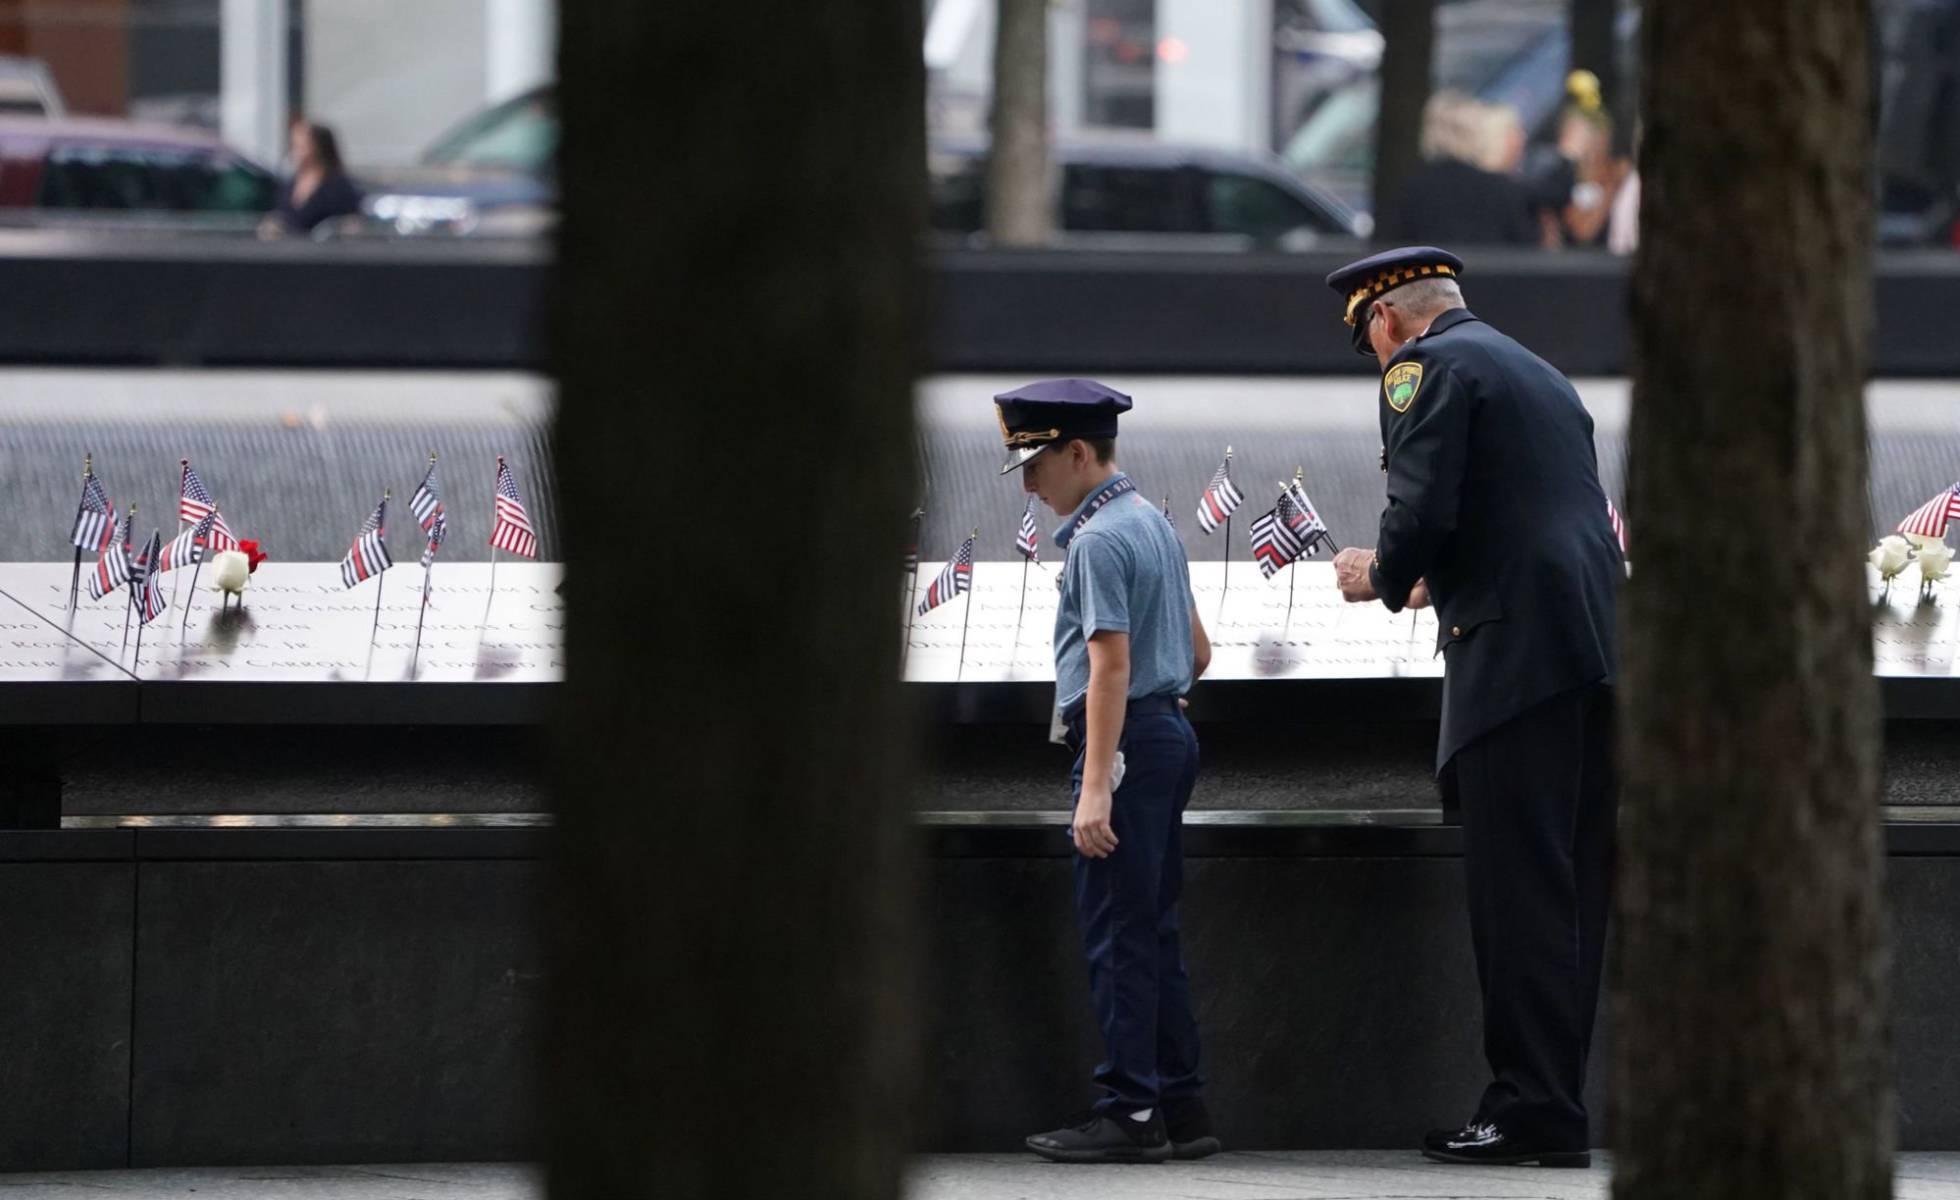 El número de víctimas mortales del 11-S sigue creciendo 18 años después